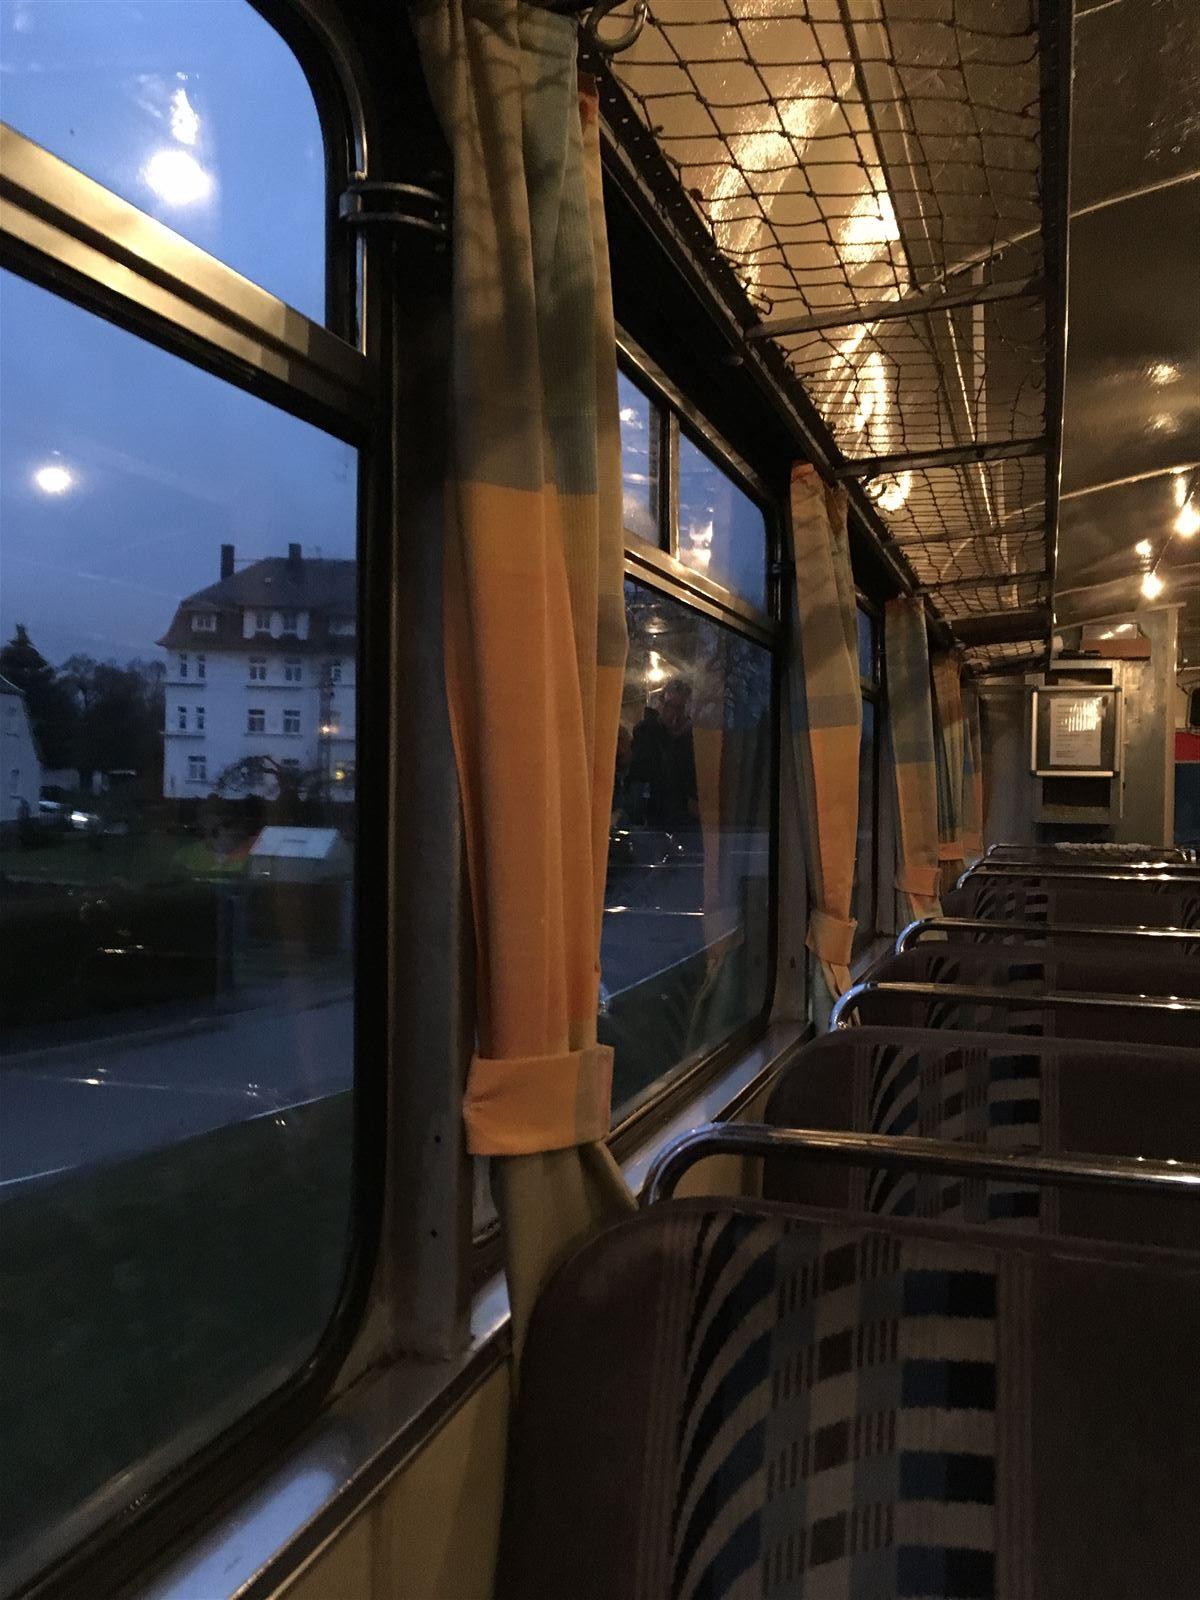 Ausflug: nostalgische Bahnfahrt mit der Wisentatalbahn von Sachsen nach Thüringen und wieder zurück